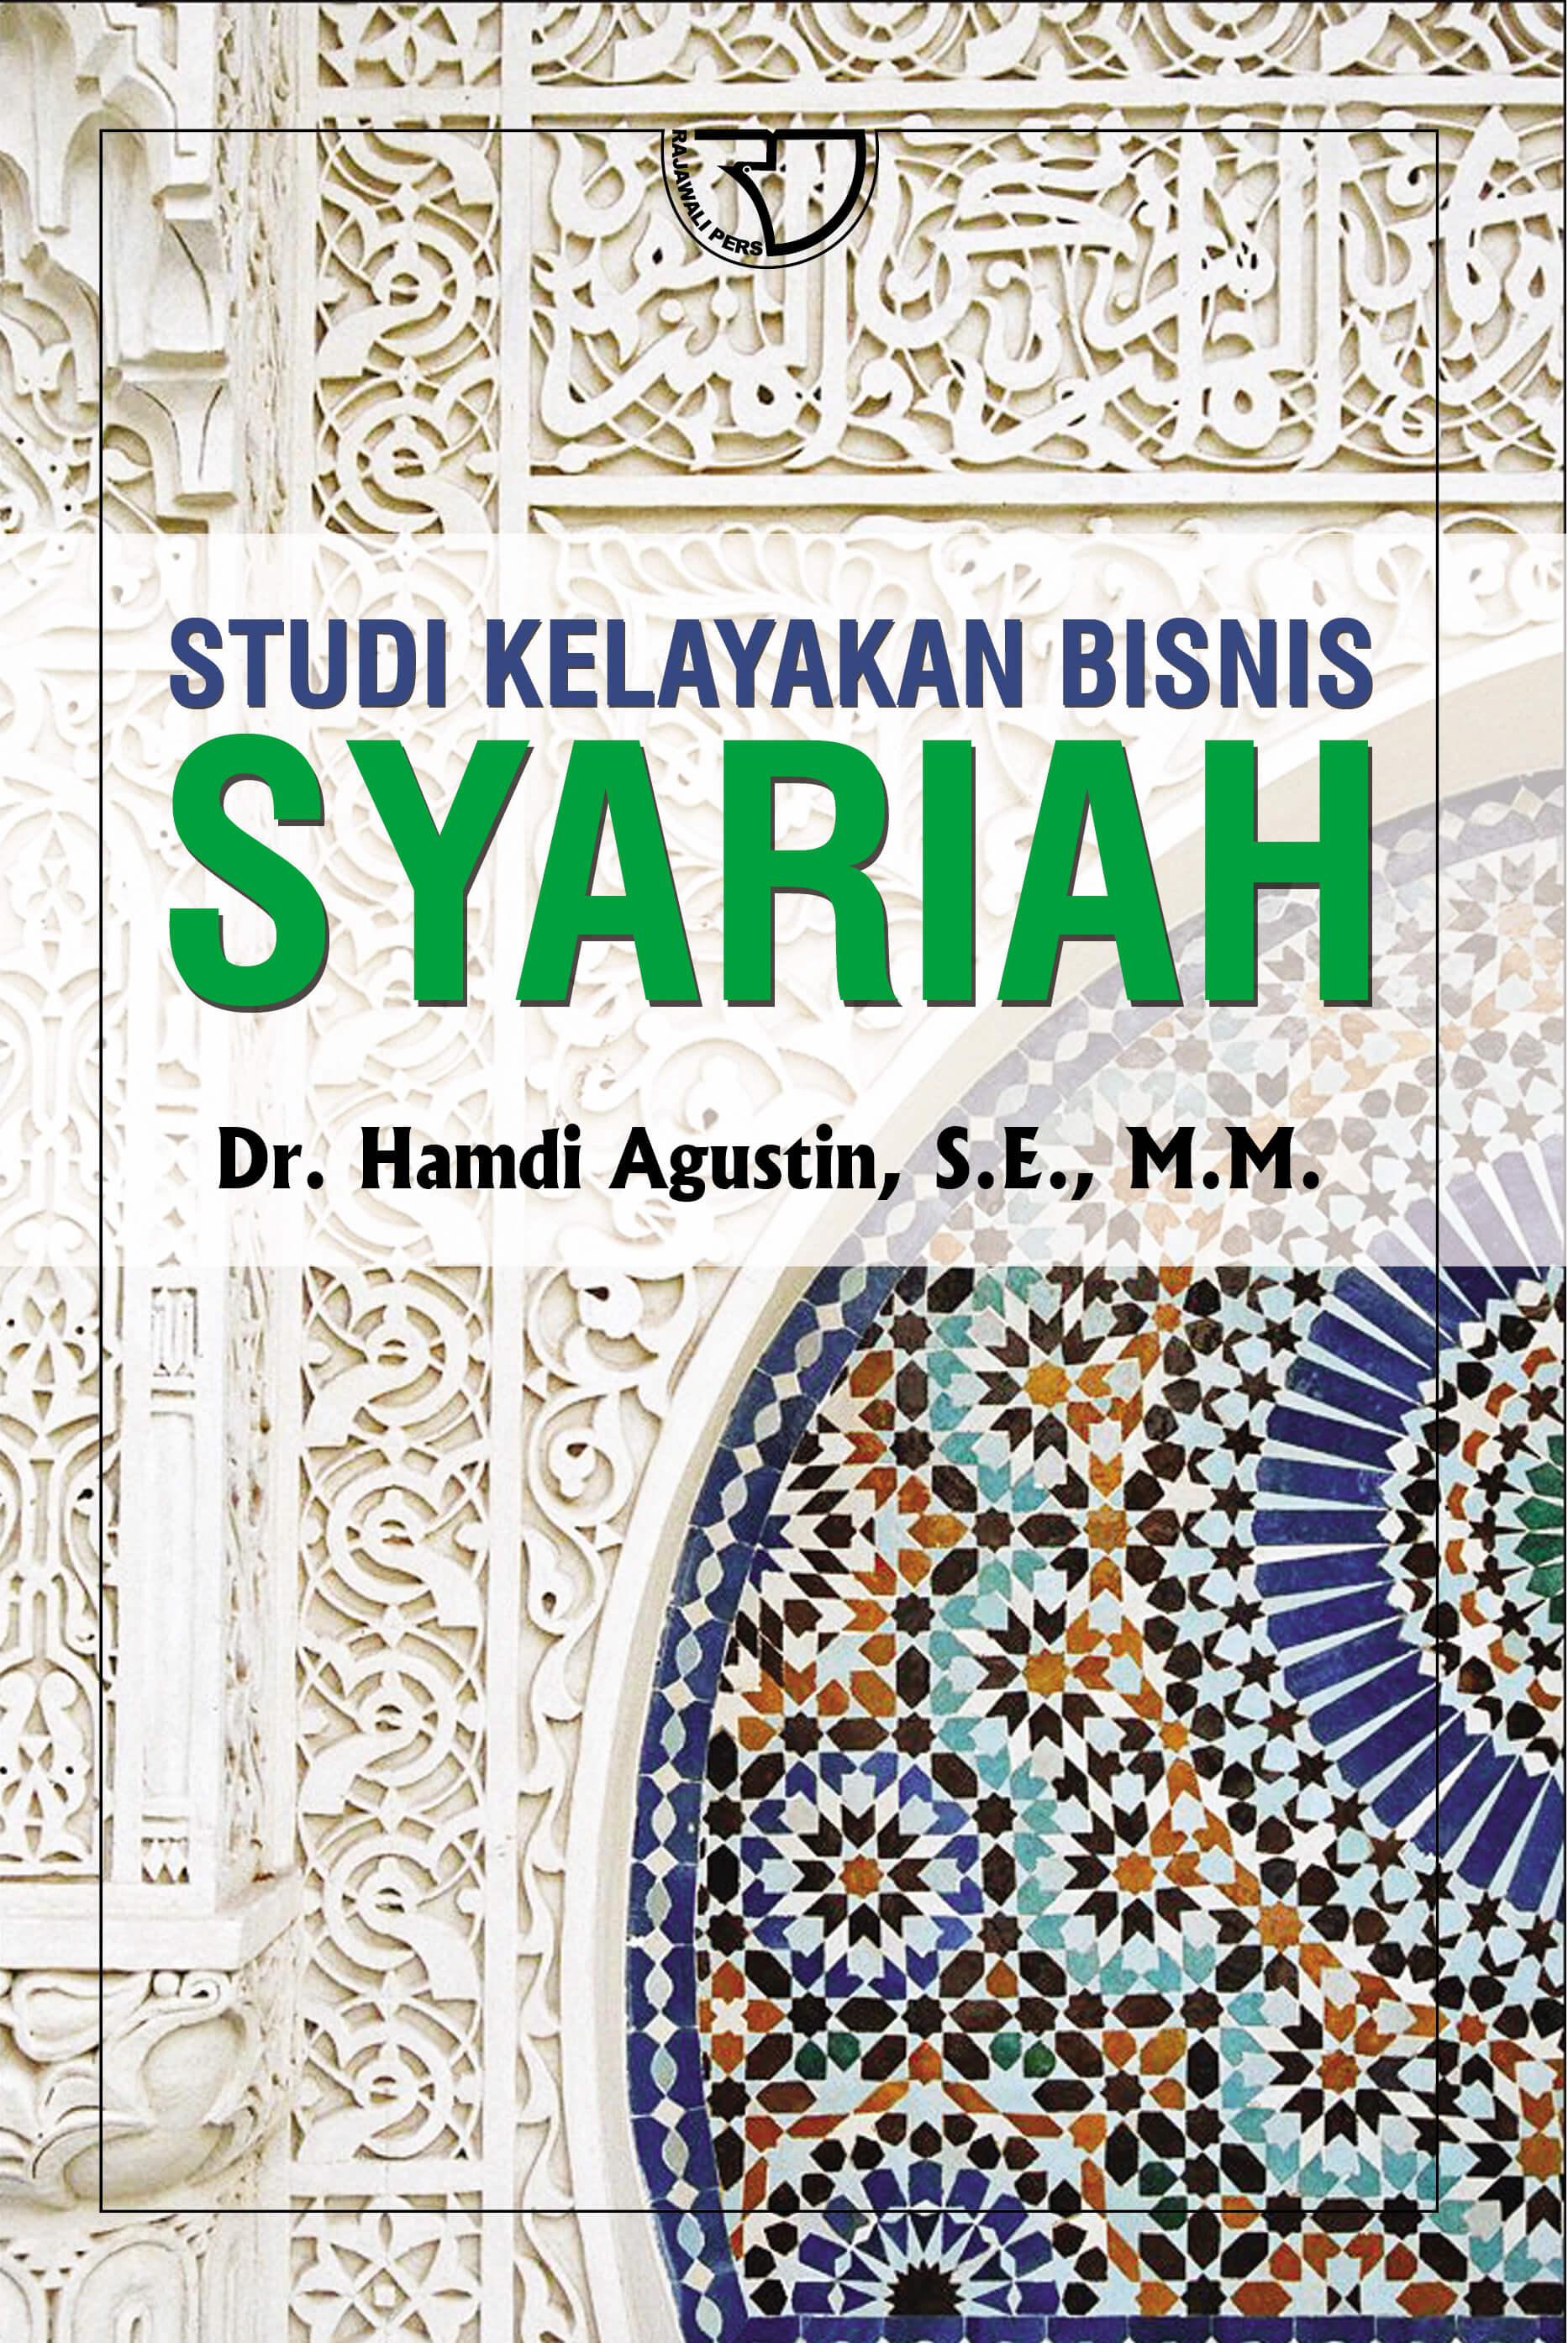 Studi Kelayakan Bisnis Syariah - Hamdi Agustin ...